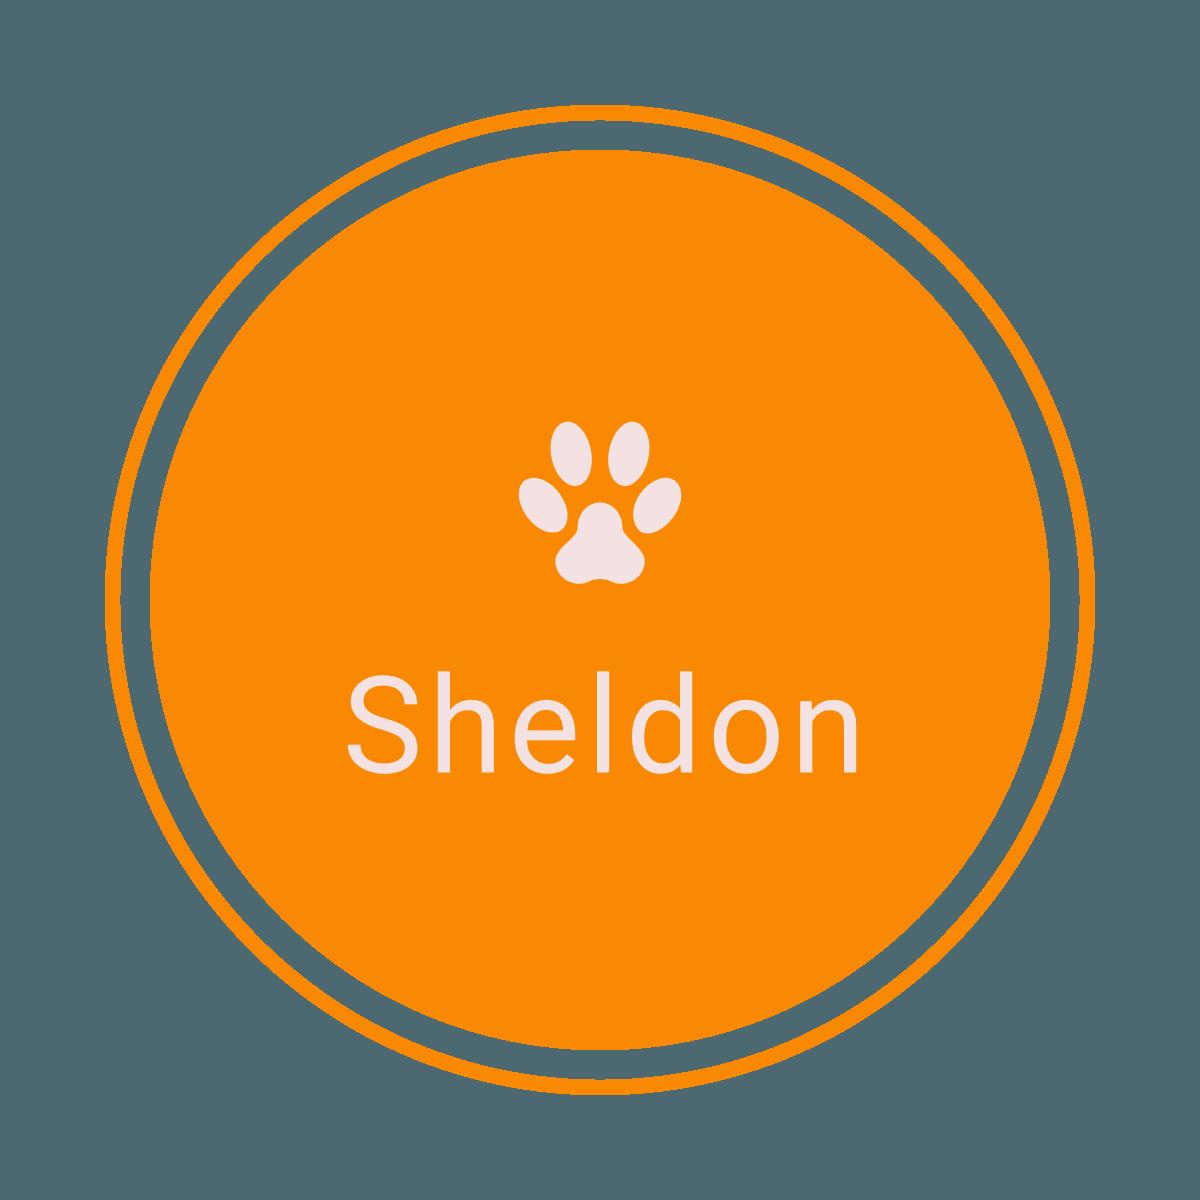 sheldon_corgi_logo_transparent